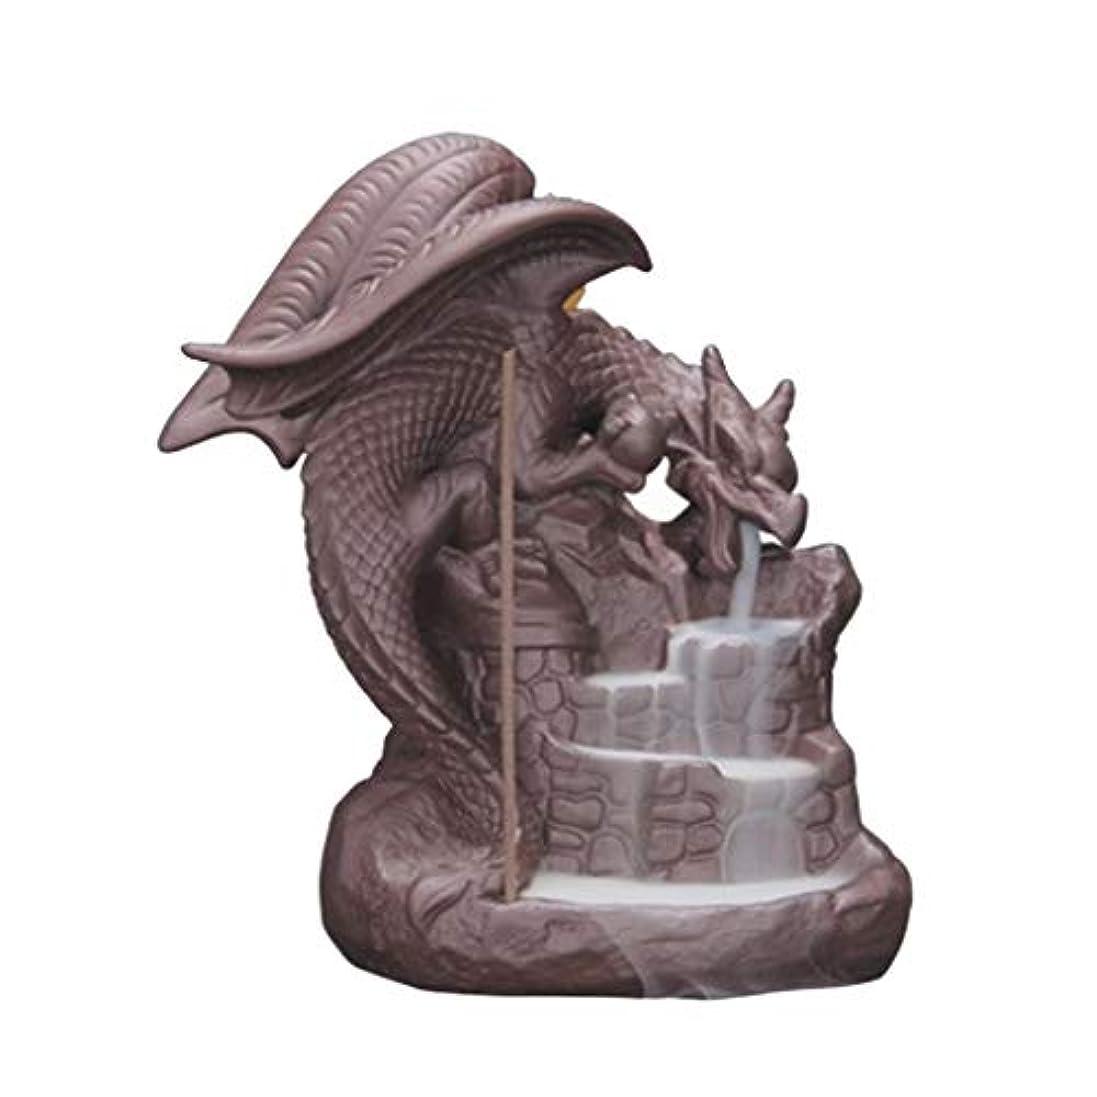 蓮ヒット毒ホームアロマバーナー セラミック逆流香バーナー香炉の家の装飾ドラゴン香ホルダーバーナー使用ホームオフィスの装飾ギフト 芳香器アロマバーナー (Color : B)